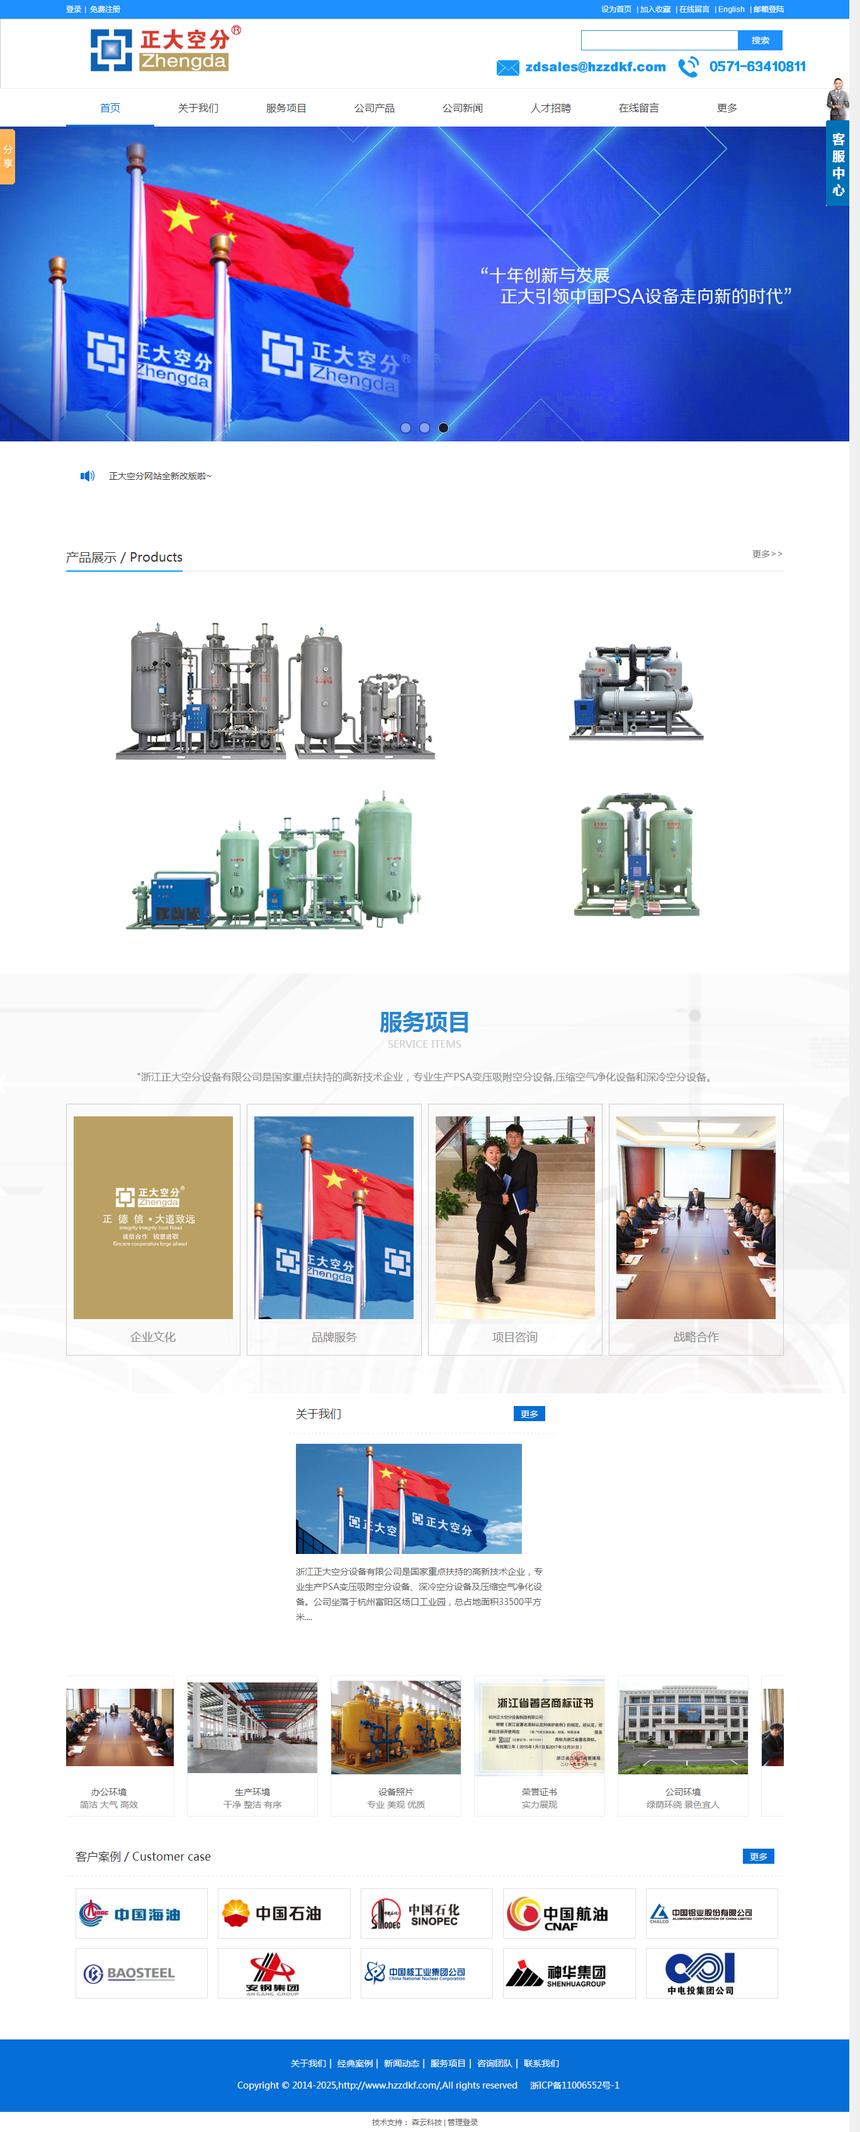 浙江正大空分設備有限公司丨空分設備丨杭州空分設備丨.png